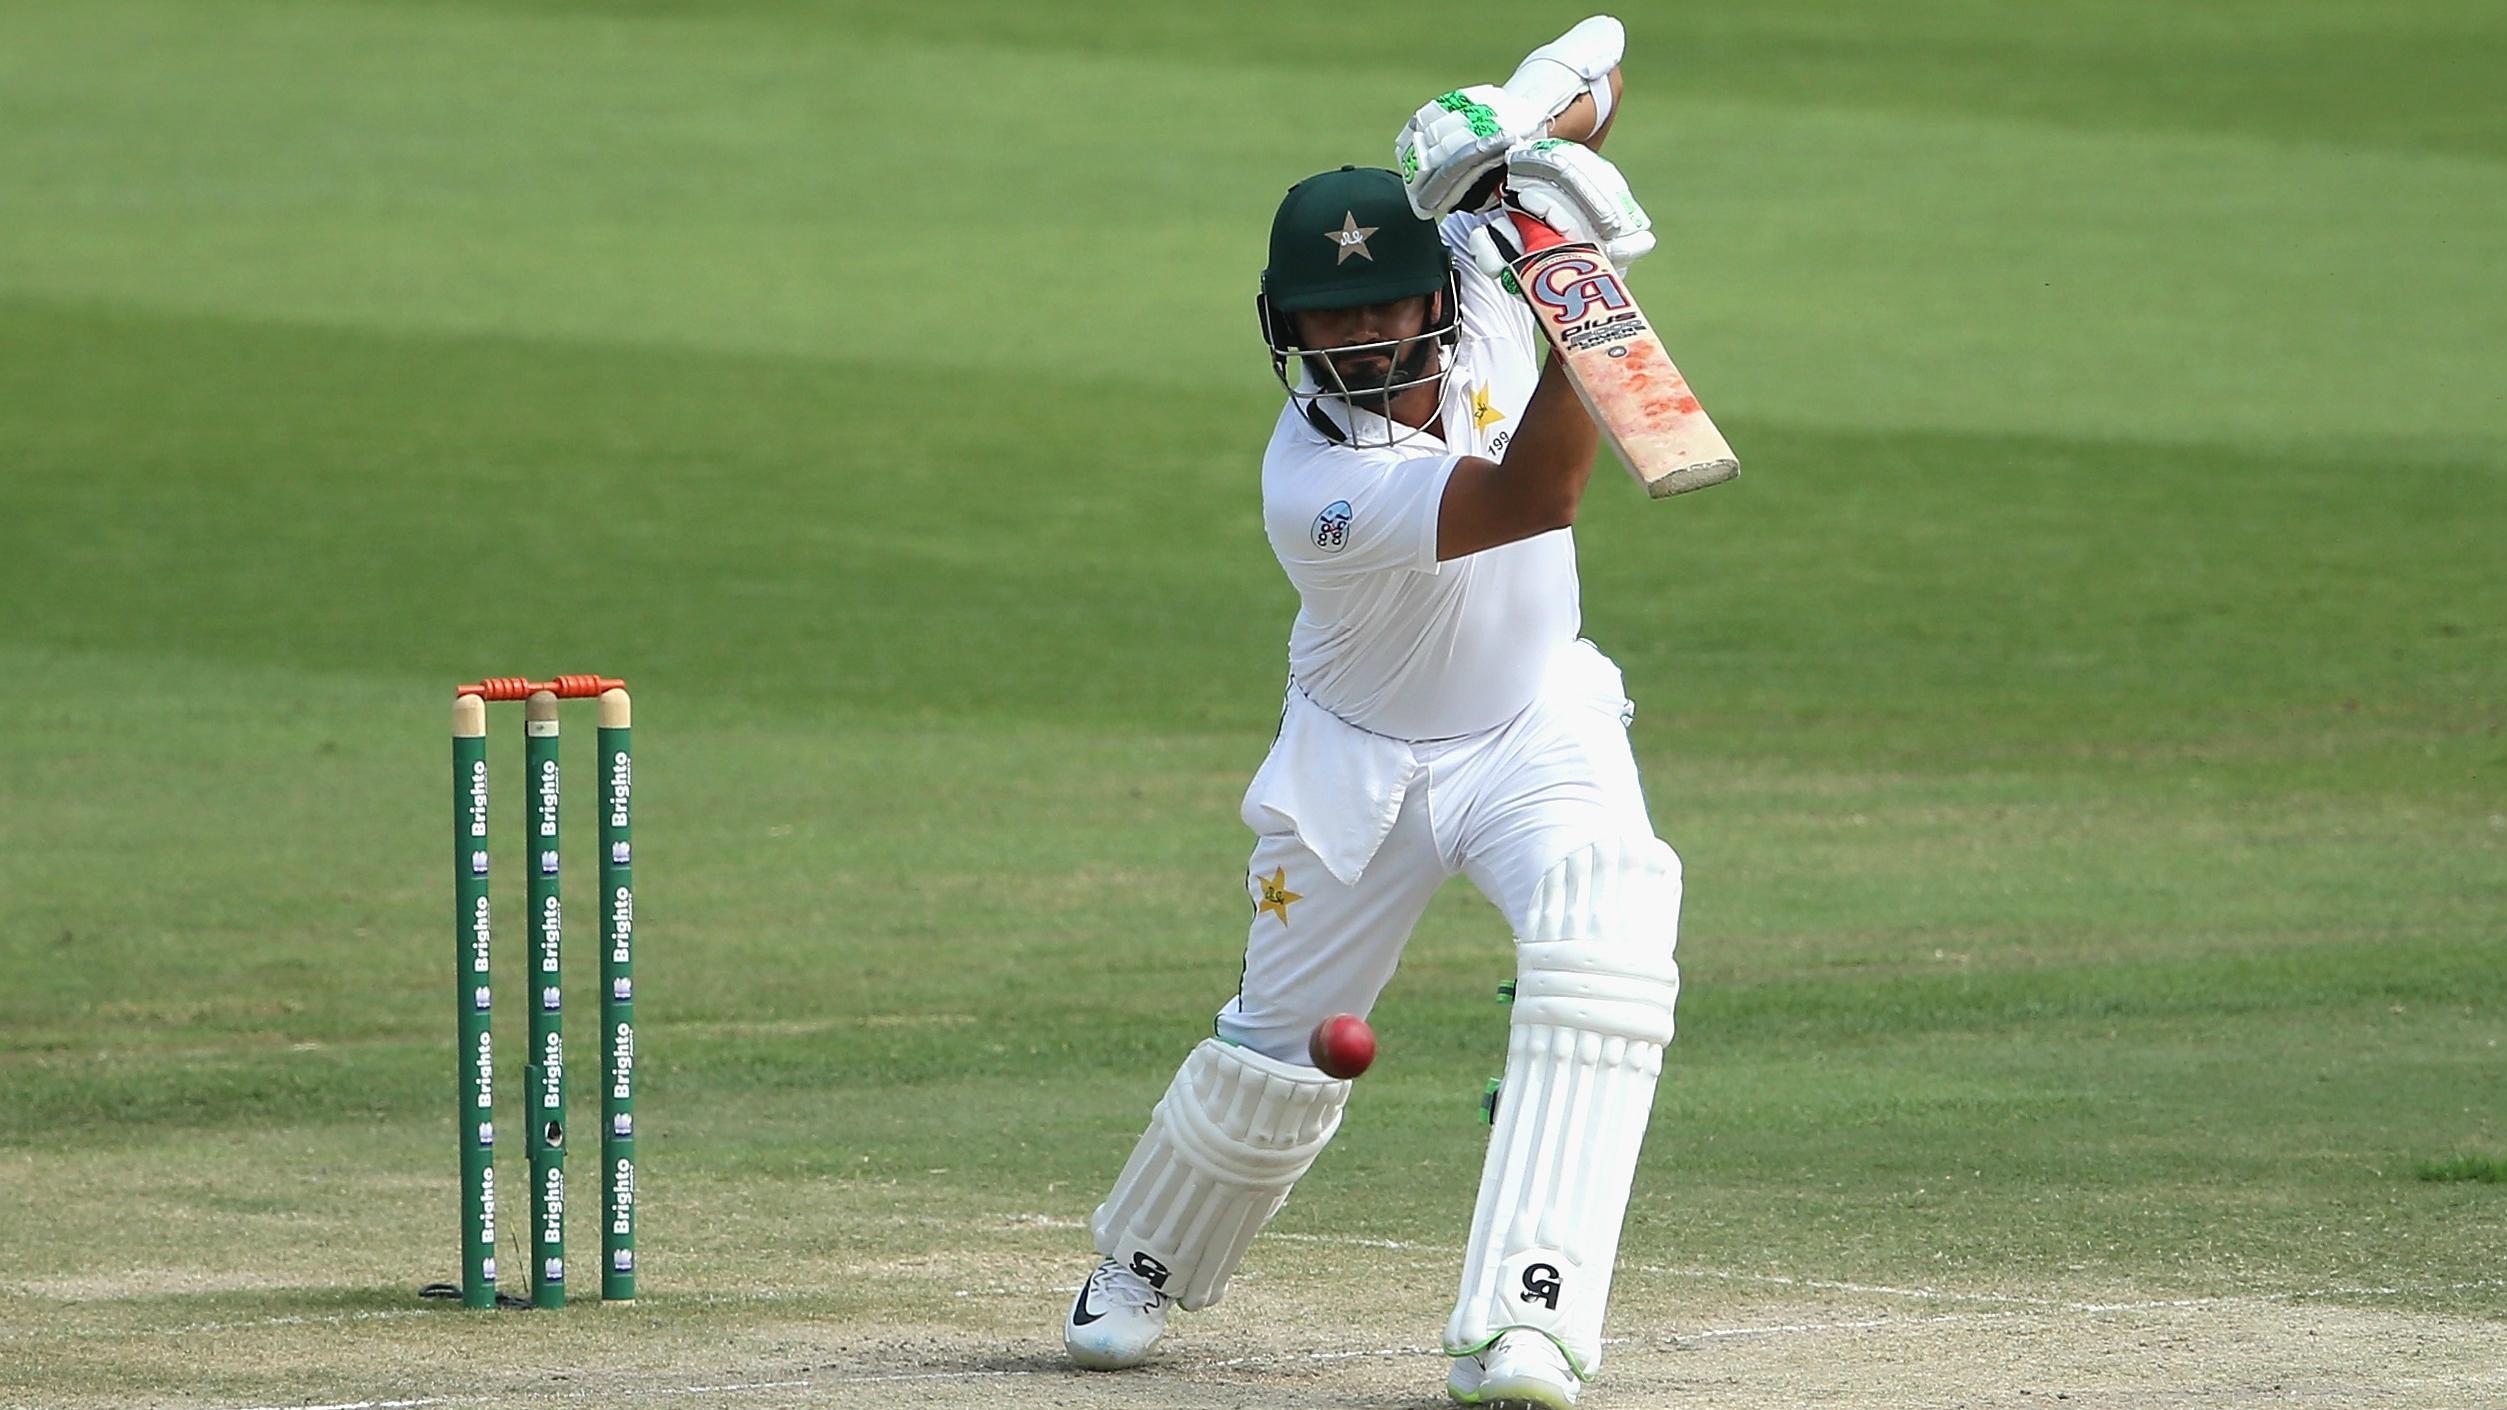 पुणे के क्रिकेट म्यूजियम ने 10 लाख में खरीदा अज़हर अली का बल्ला, जानें वजह